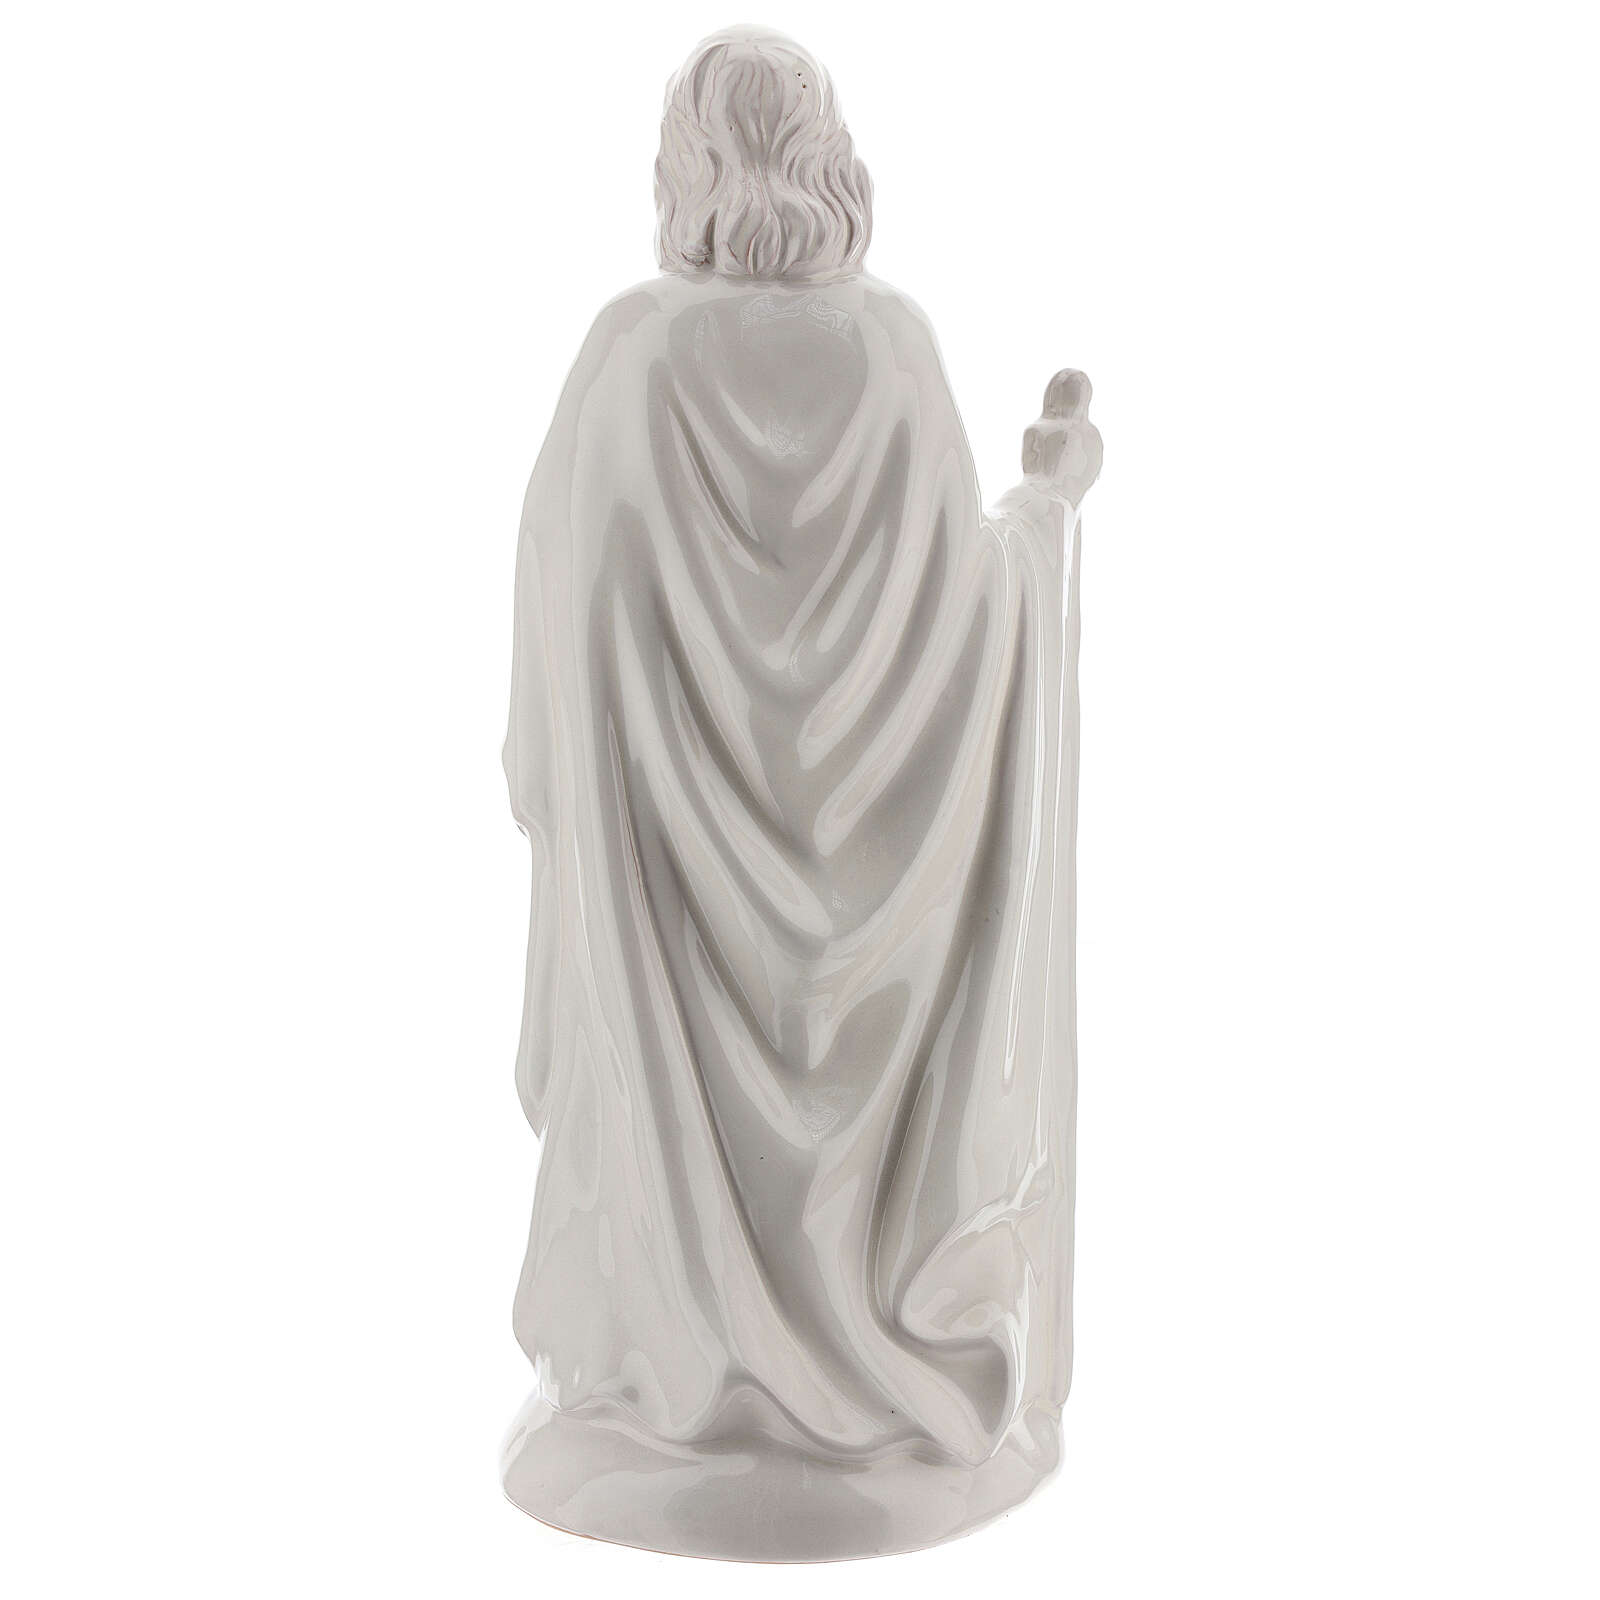 Nativity scene 40 cm white terracotta Deruta 5 pcs 4